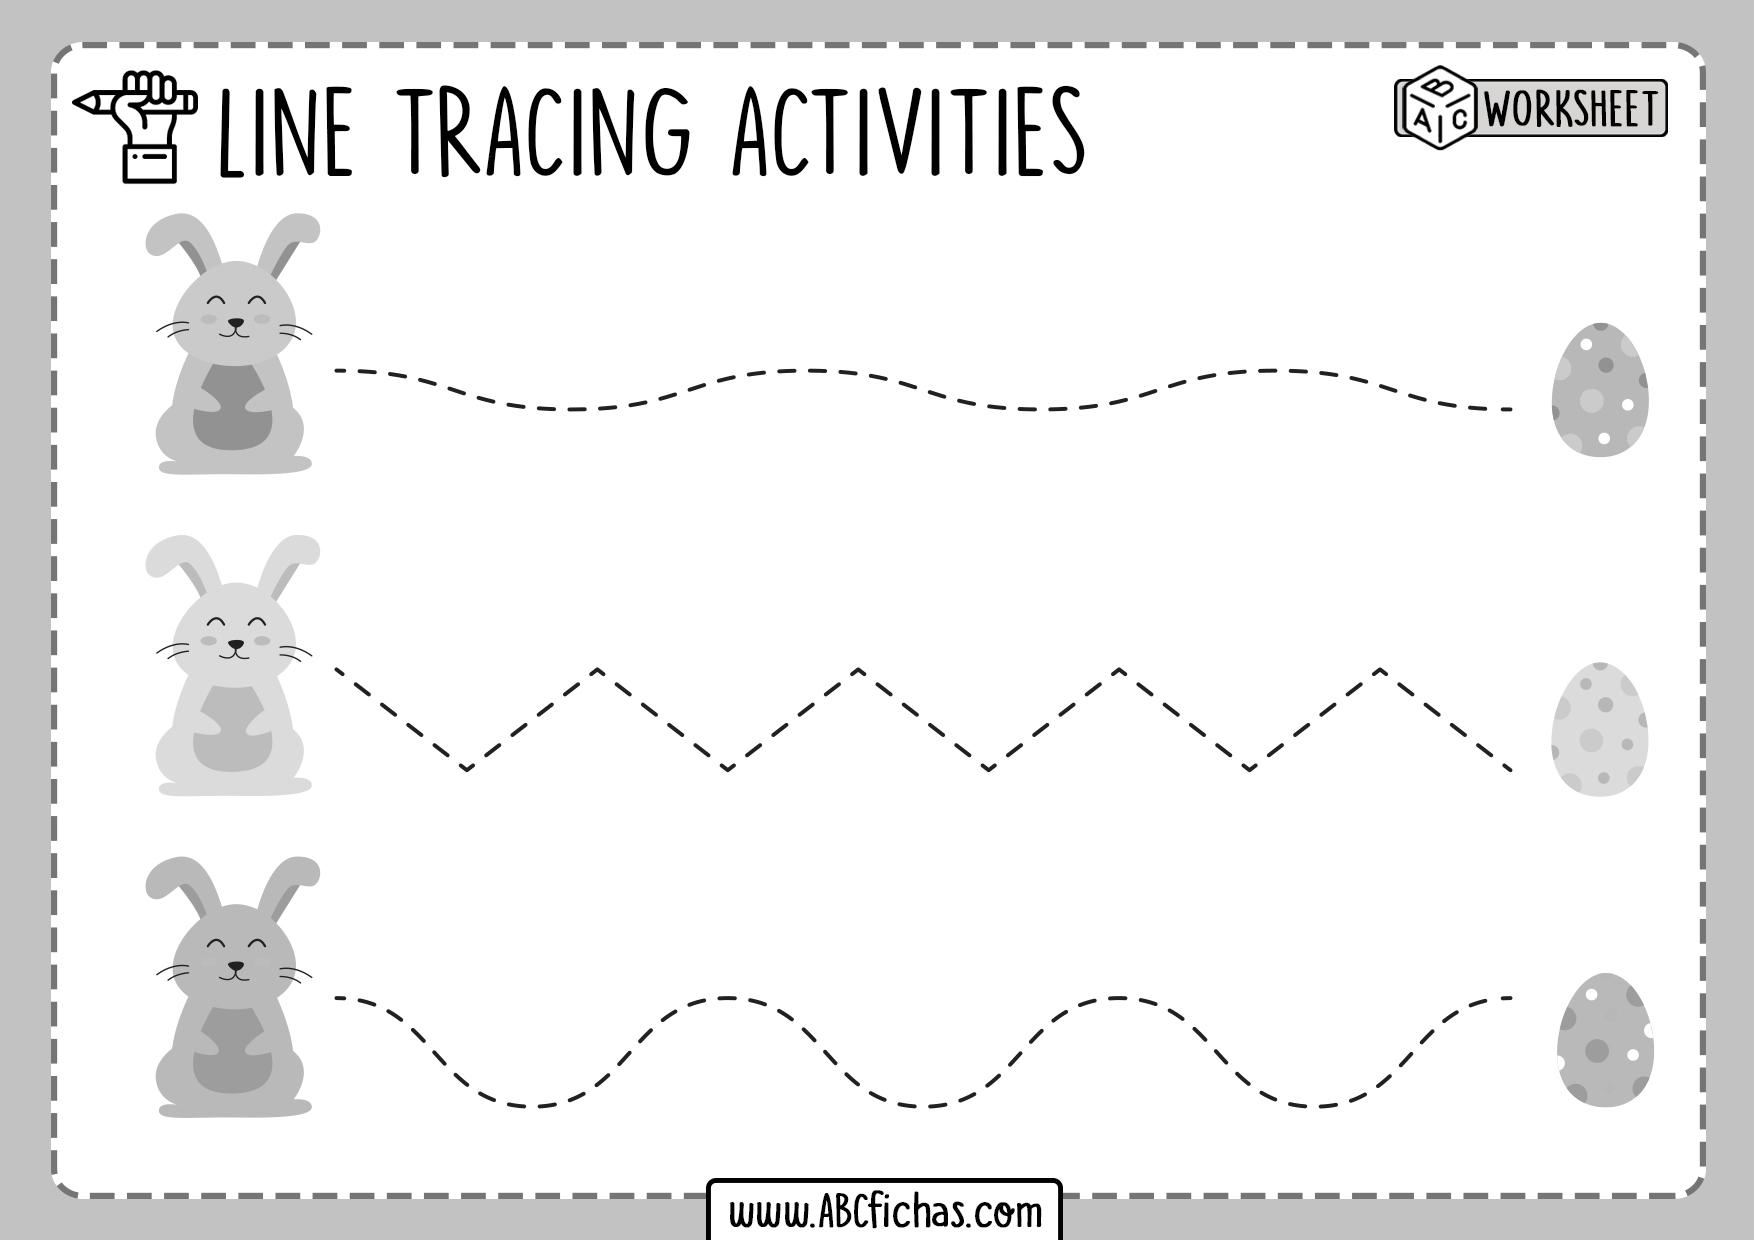 Line Tracing Activities